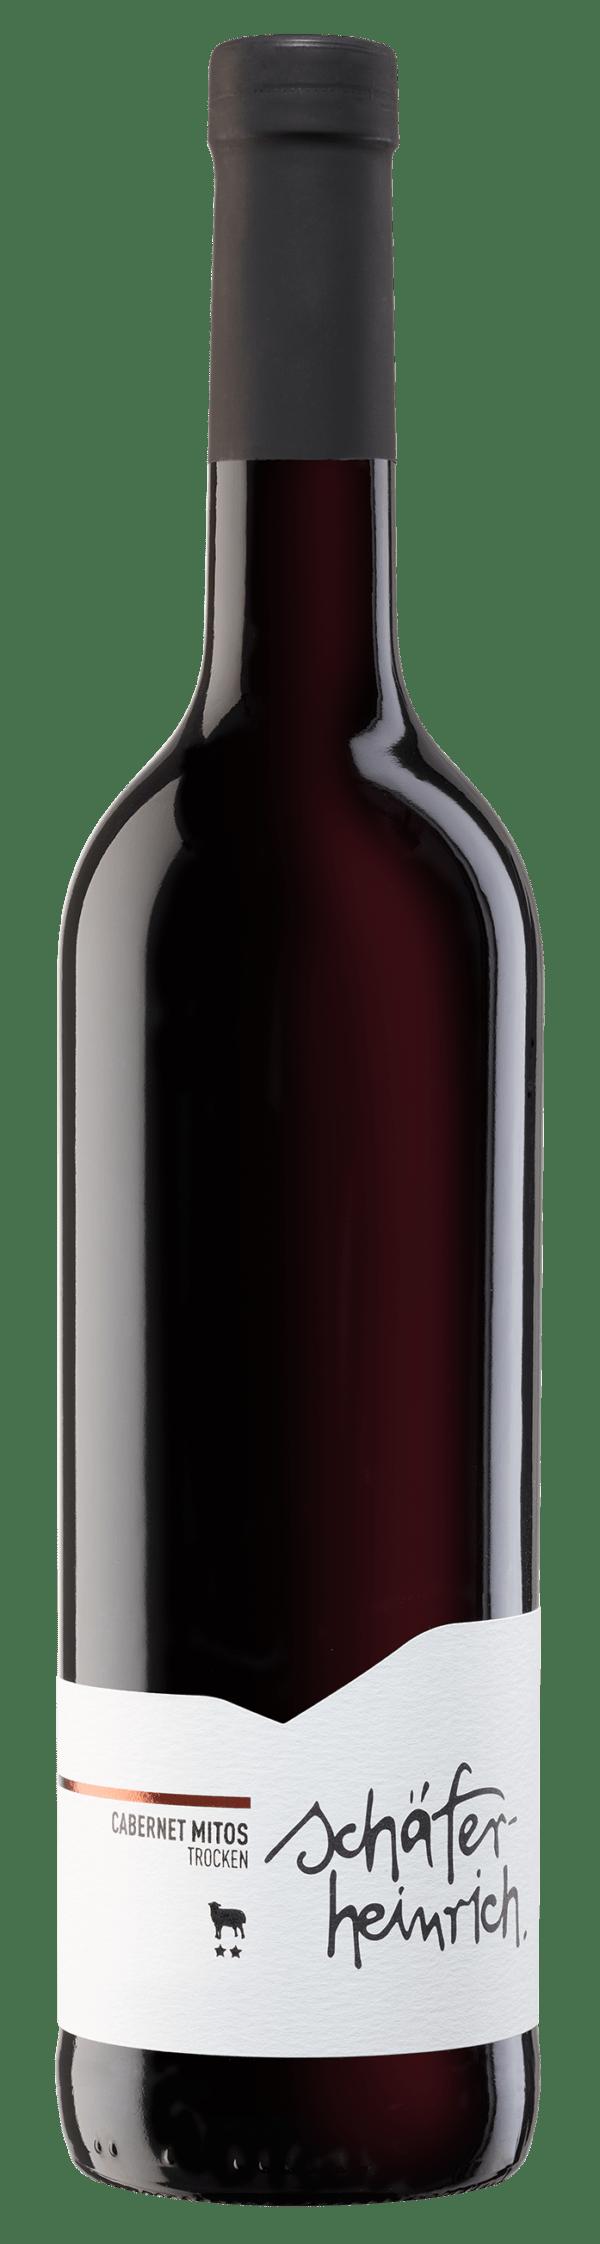 Weingut Schäfer-Heinrich 2018 Cabernet Mitos** trocken 750ml